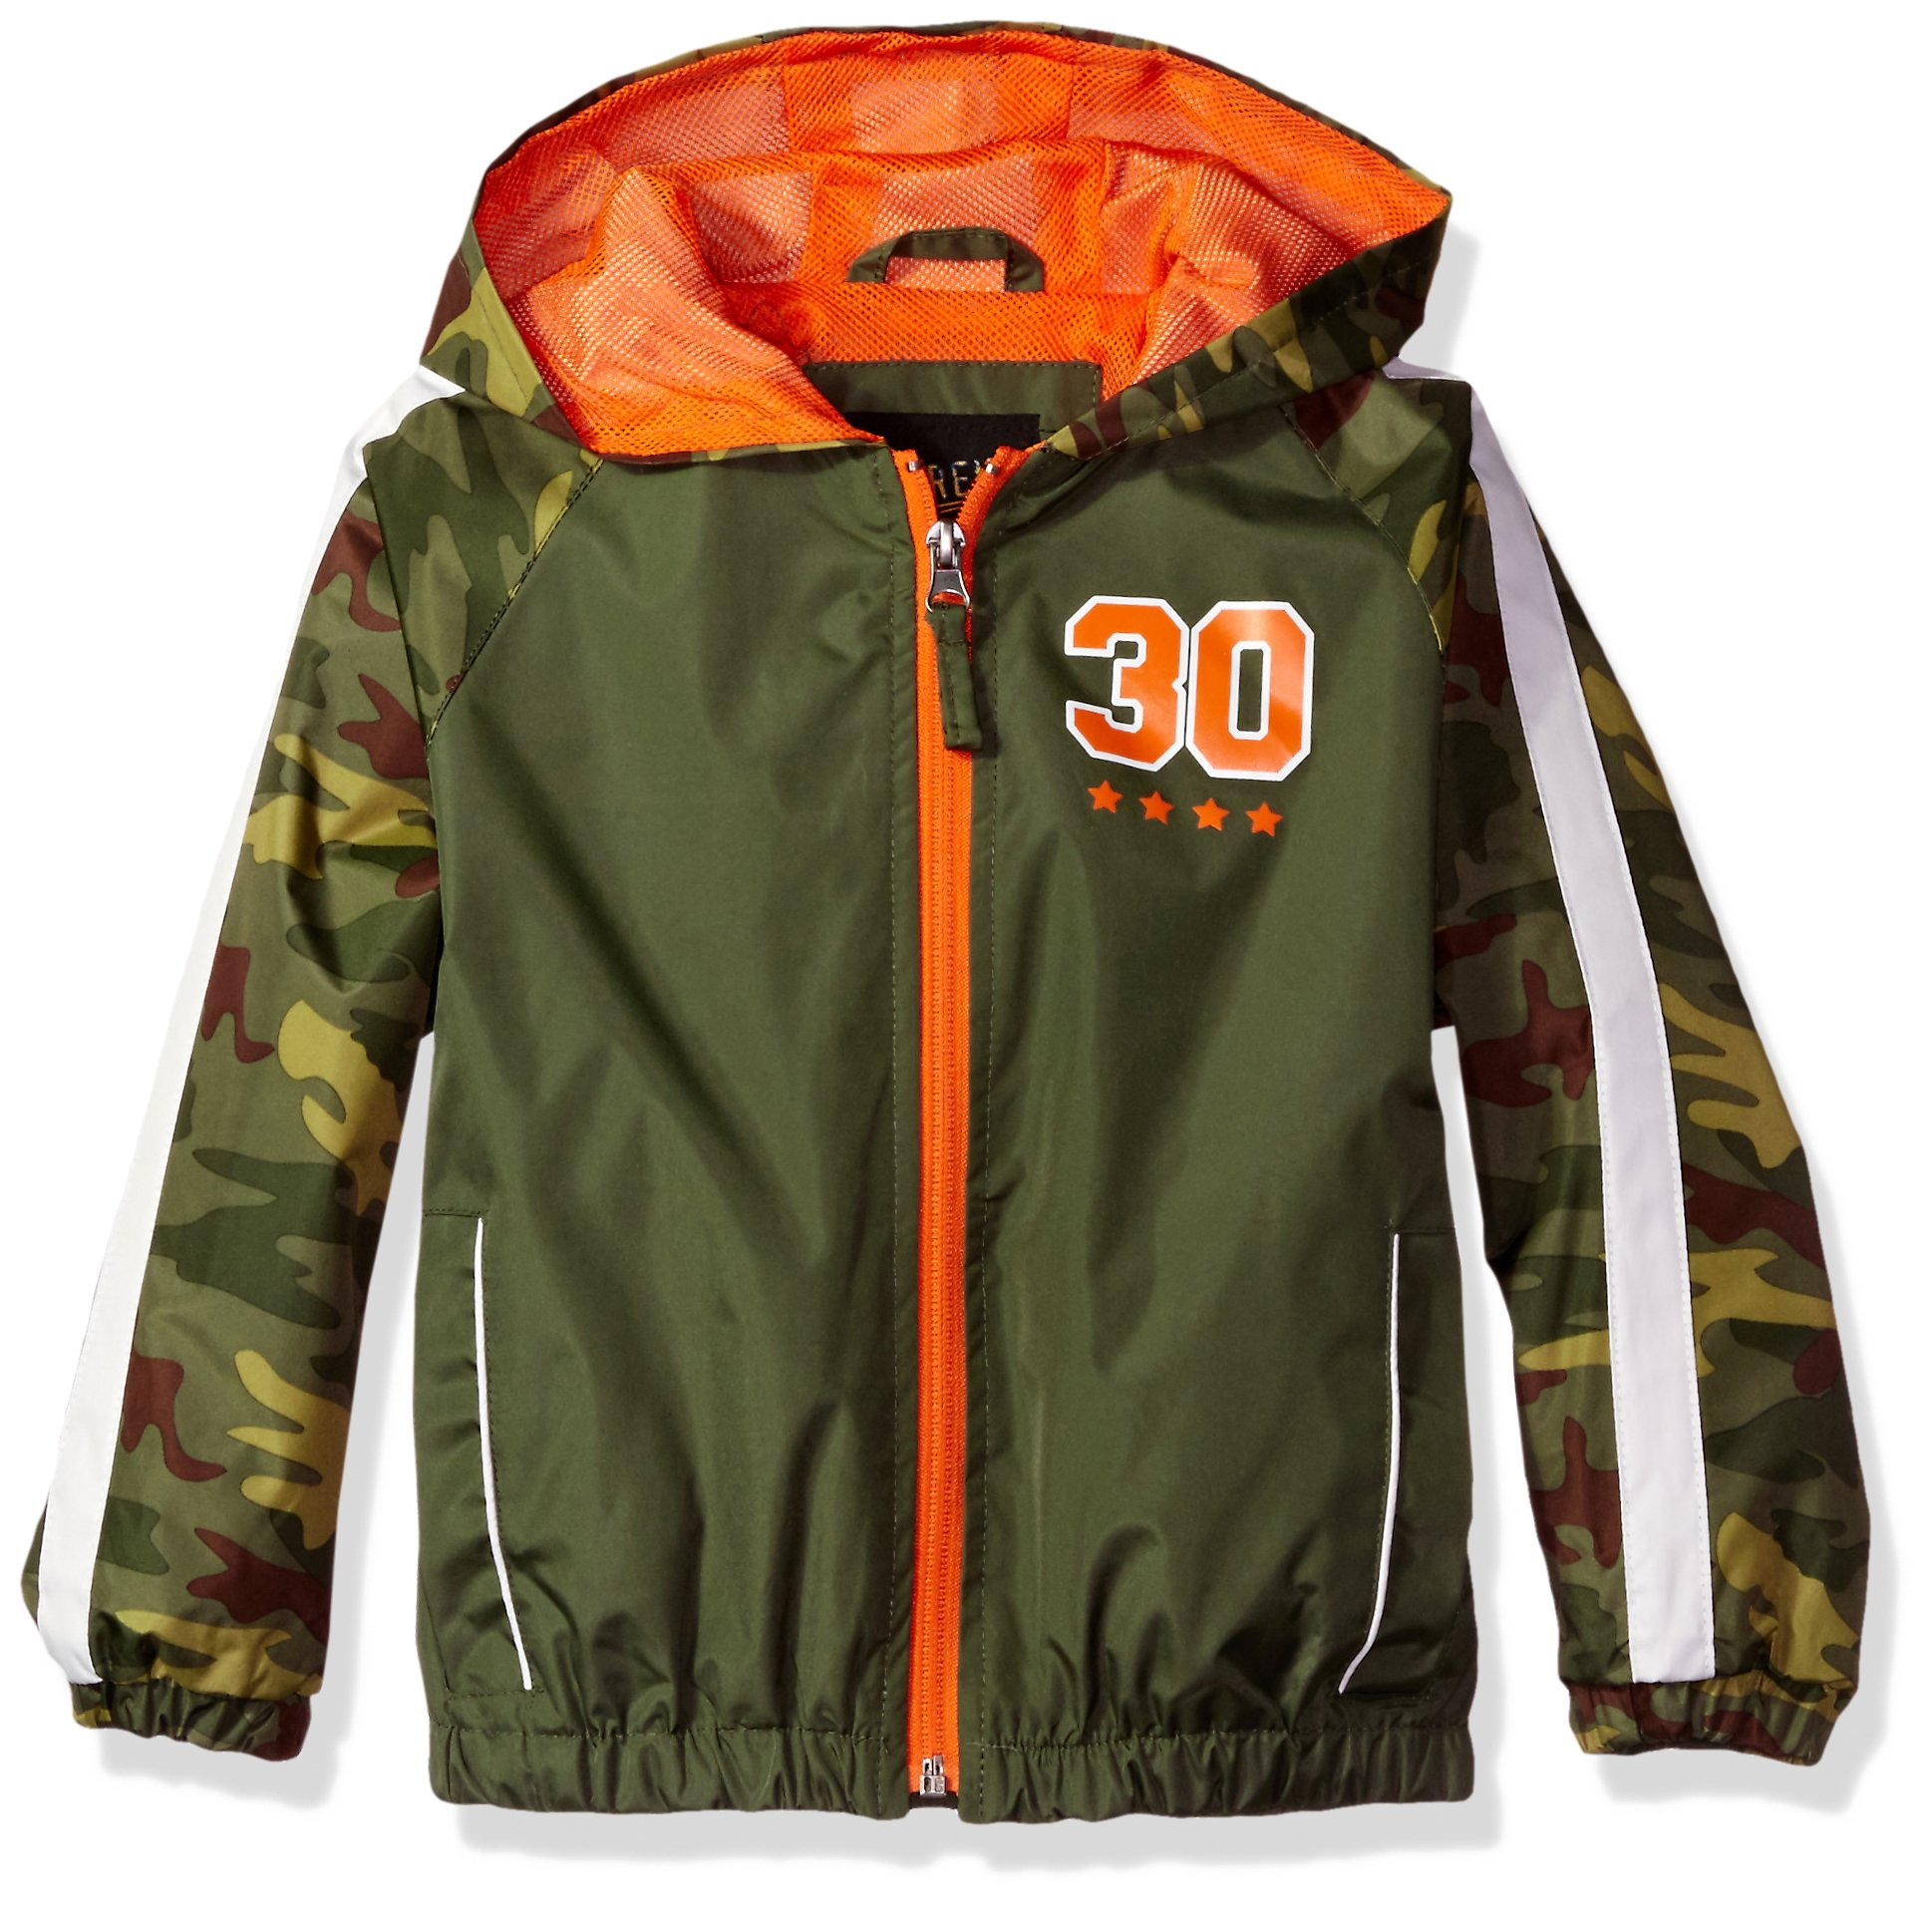 iXtreme Little Boys' Camo Jacket W/Mesh Lining, Olive, 5